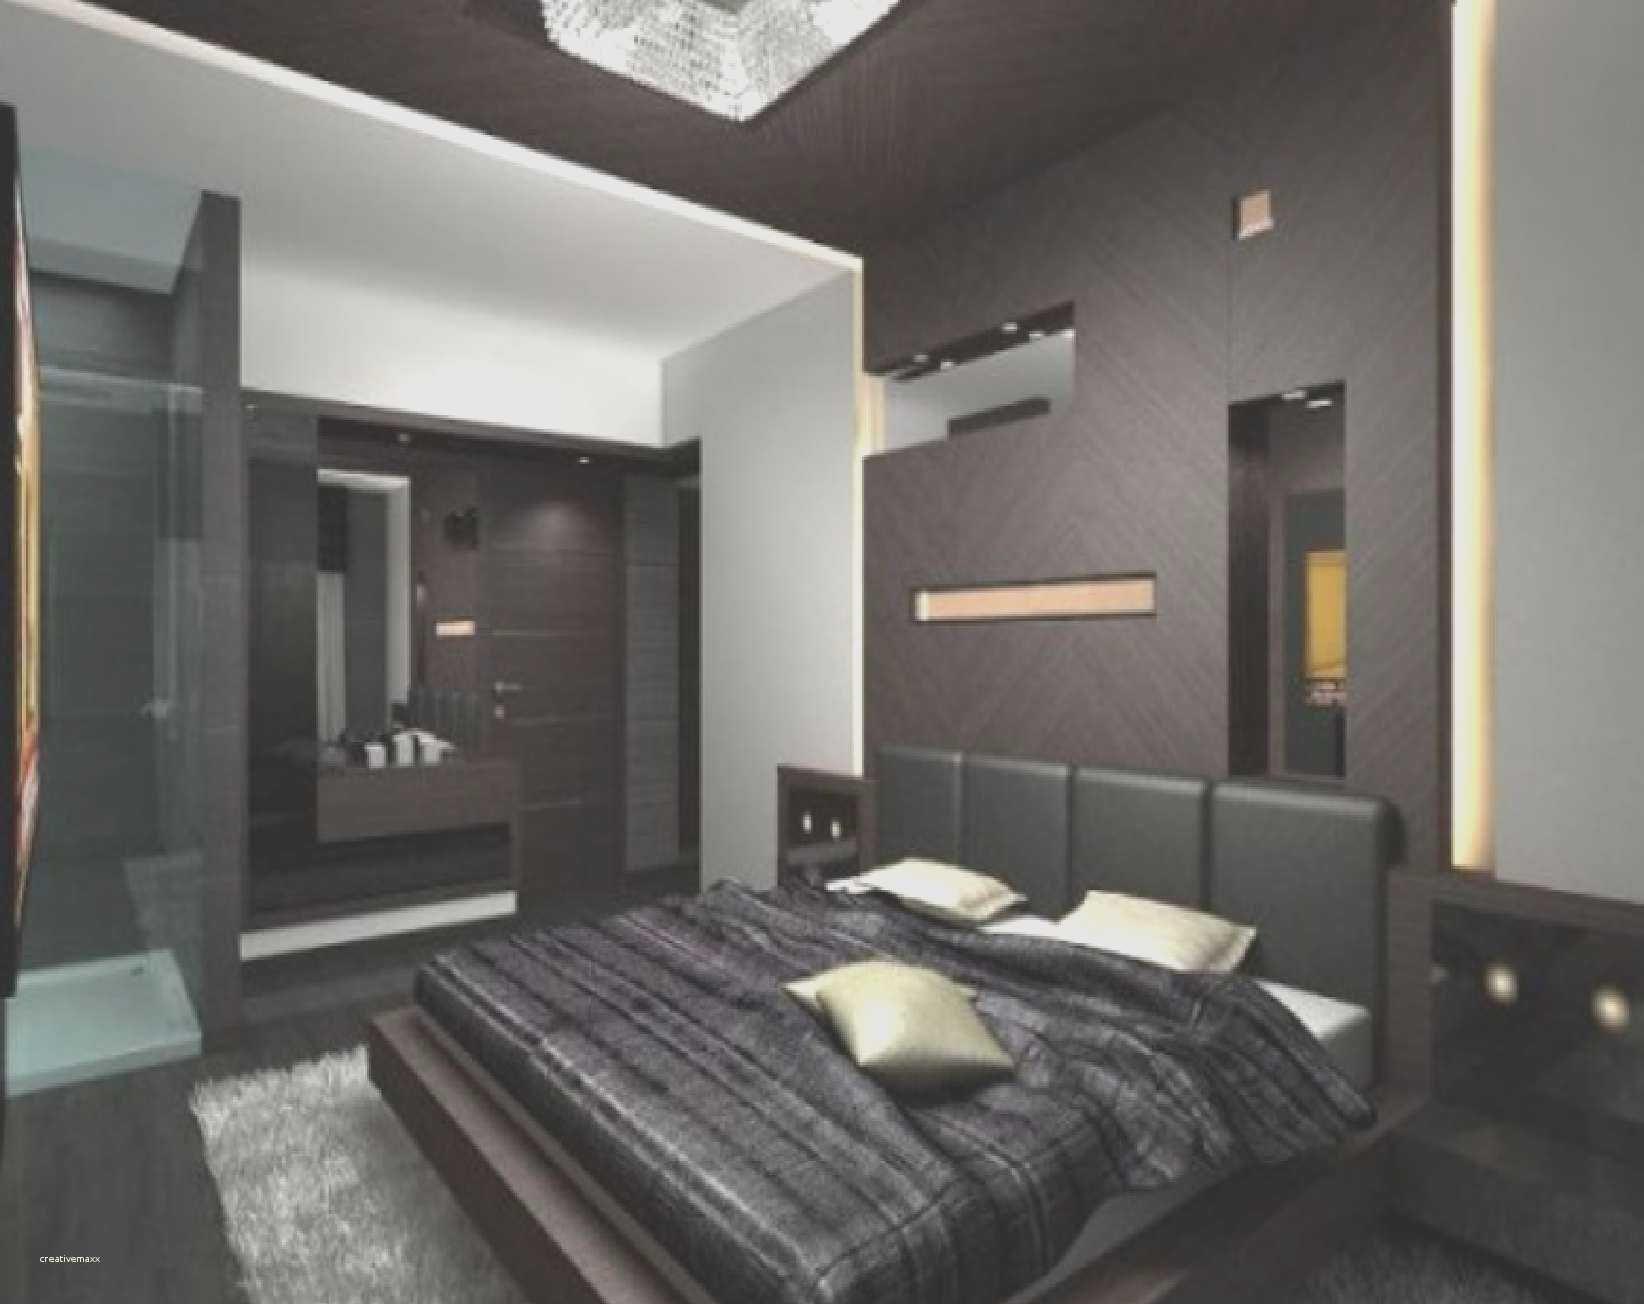 Elegant Bedroom Design Enchanting Awesome Elegant Bedroom Design Ideas  Elegant Bedroom Design Inspiration Design